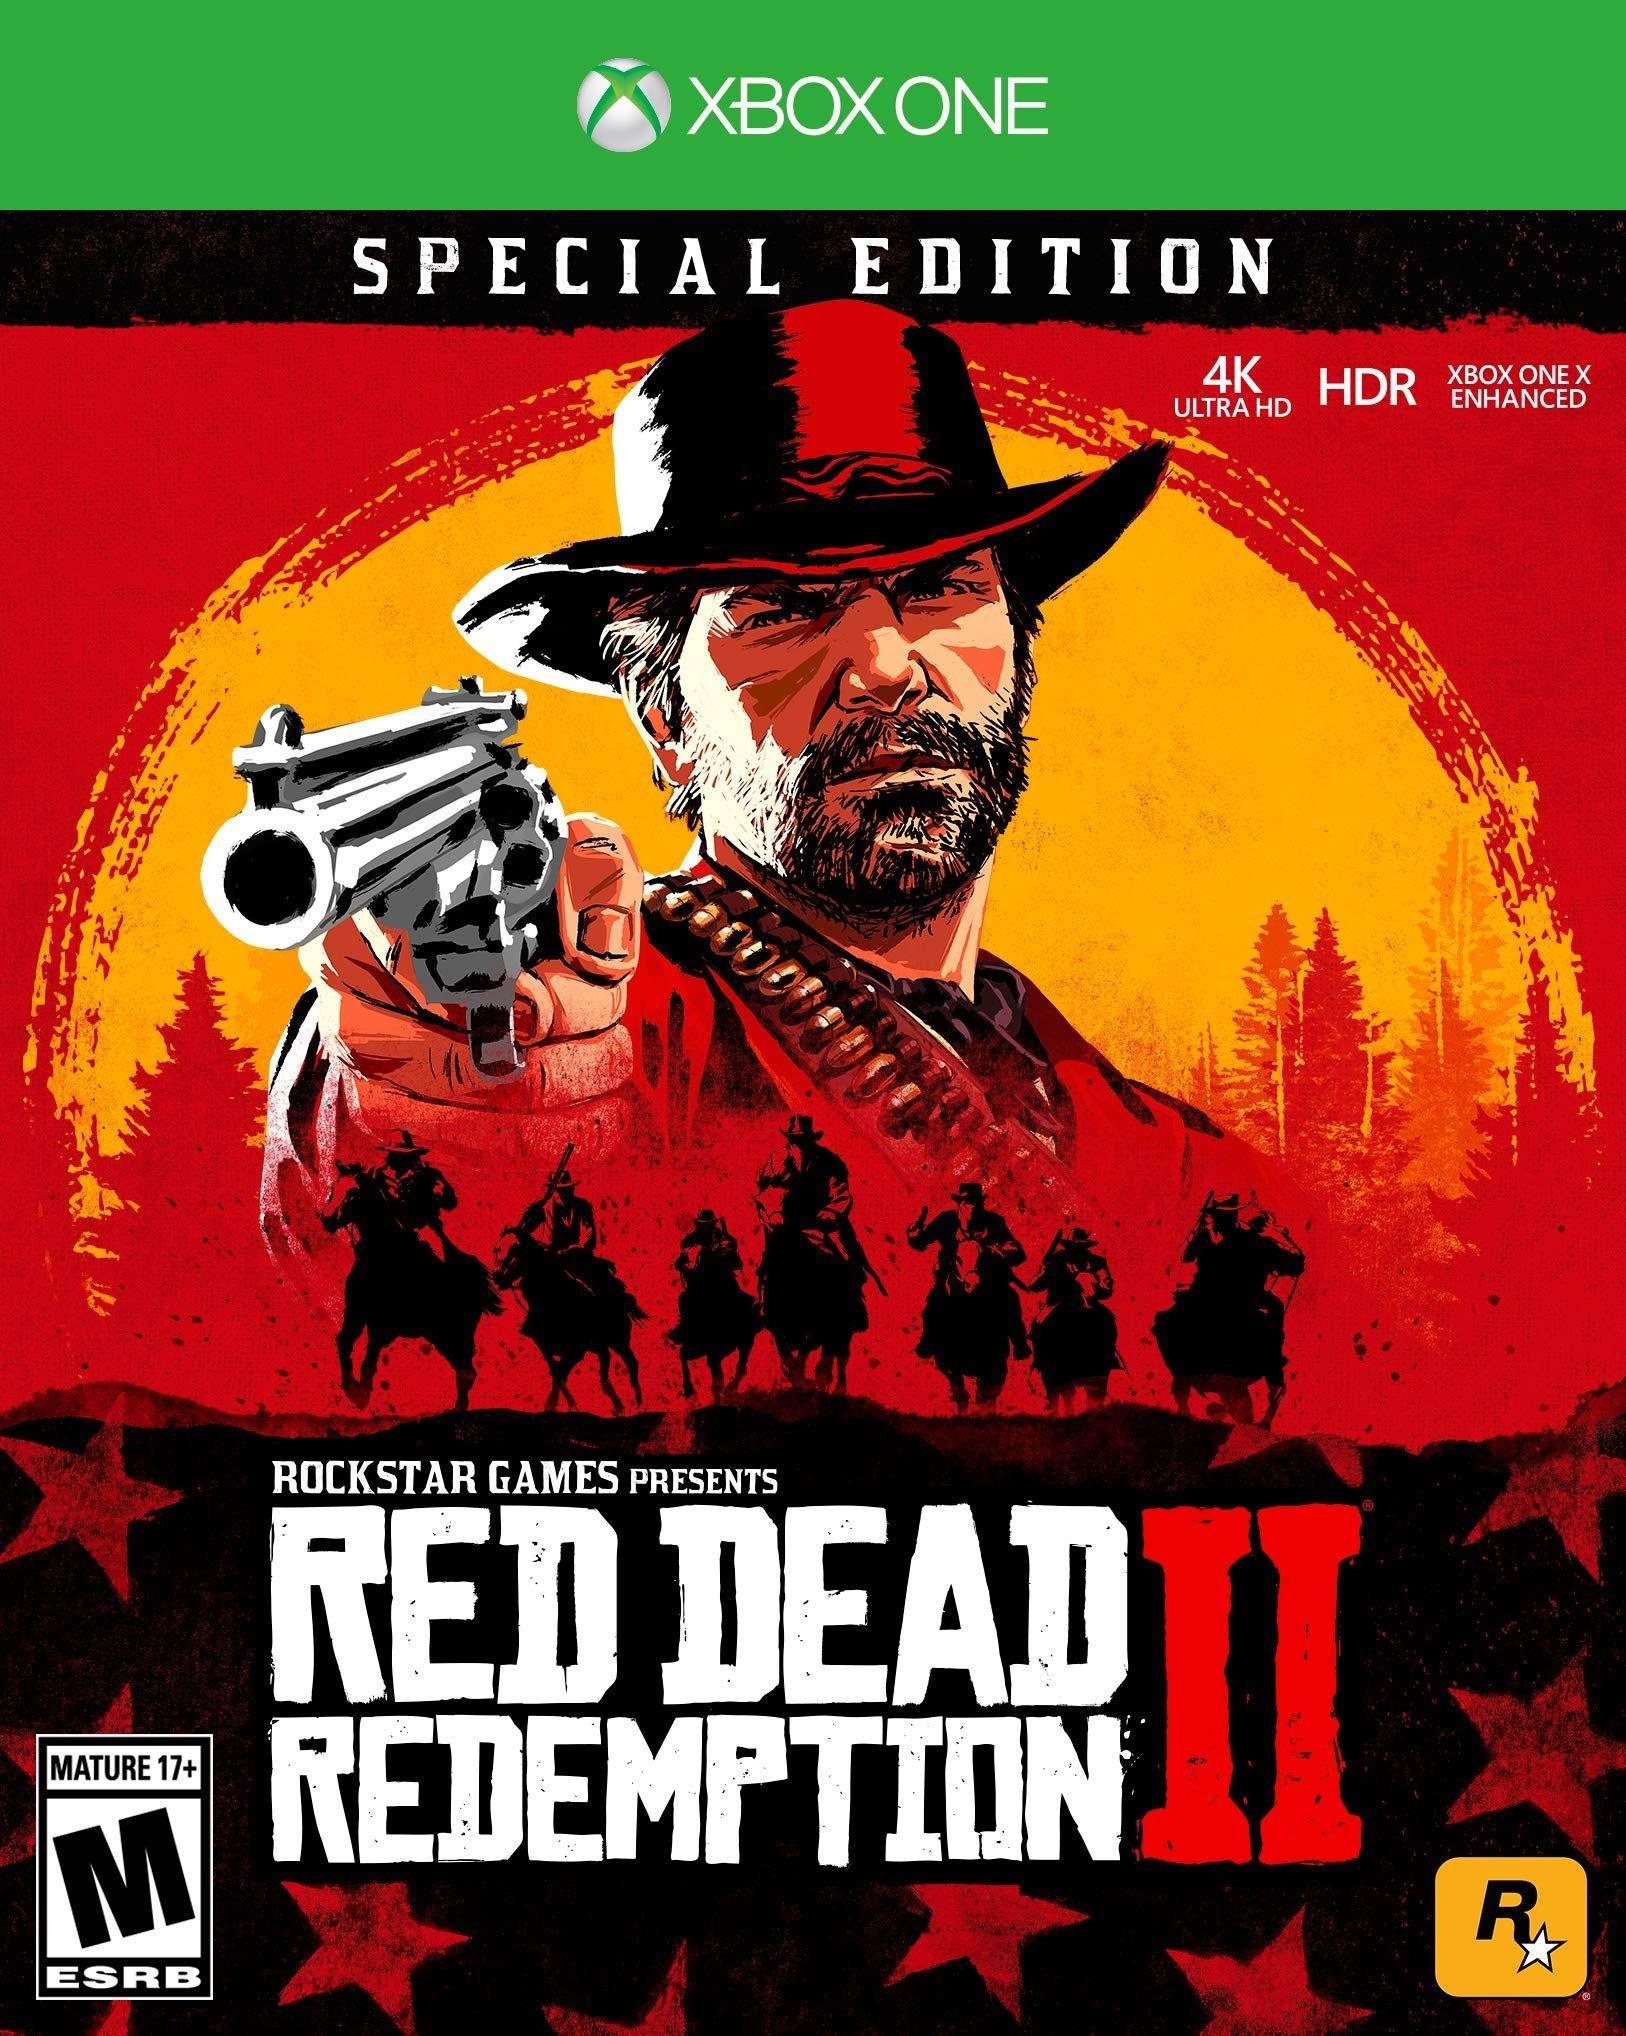 Red Dead Redemption 2 Livre : redemption, livre, Redemption, Special, Edition, One,#Redemption,, #Dead,, #Red,, #Xbox, Redemption,, Rockstar, Games